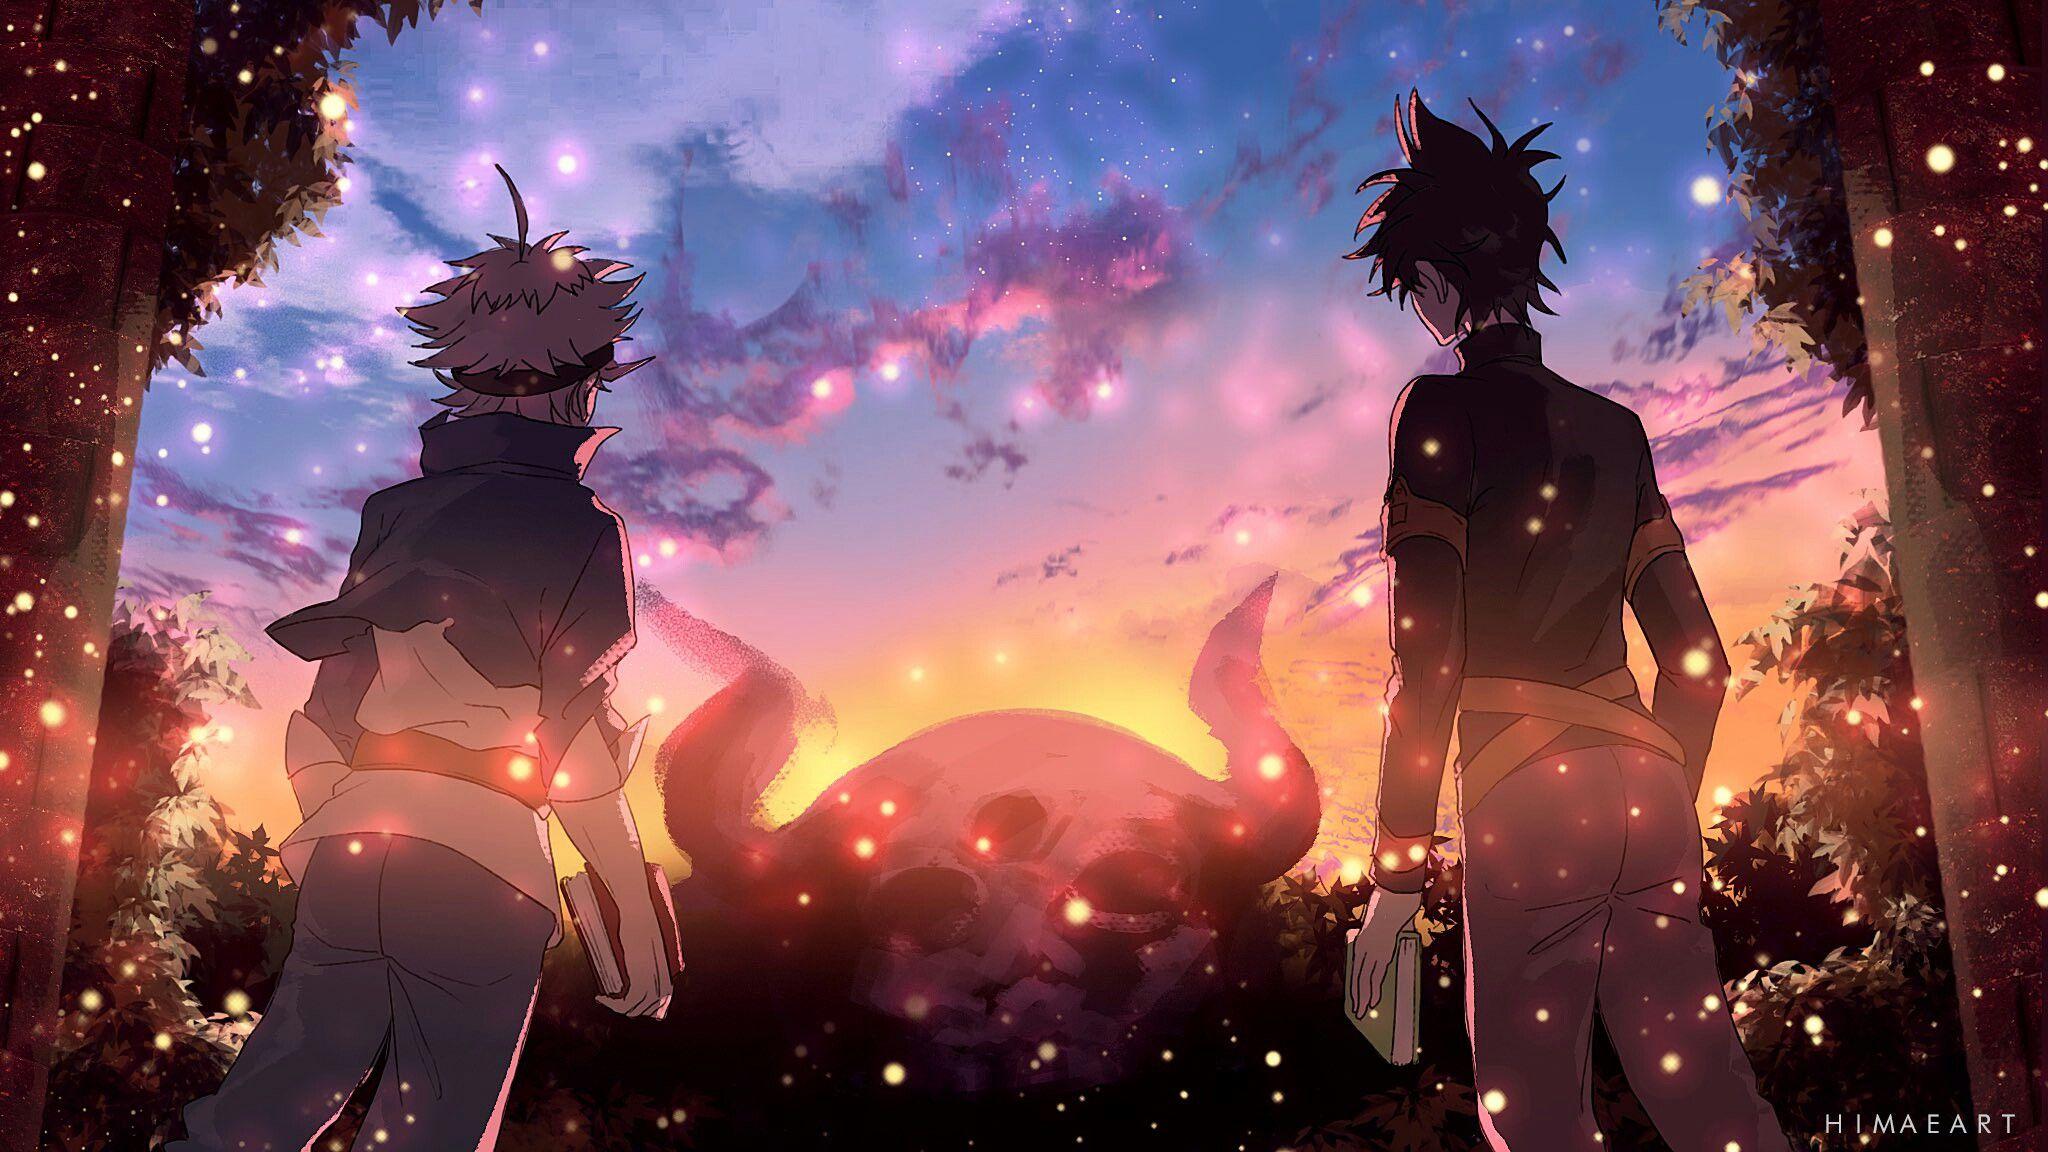 Black Clover Black Clover Anime Anime Cover Photo Anime Wallpaper